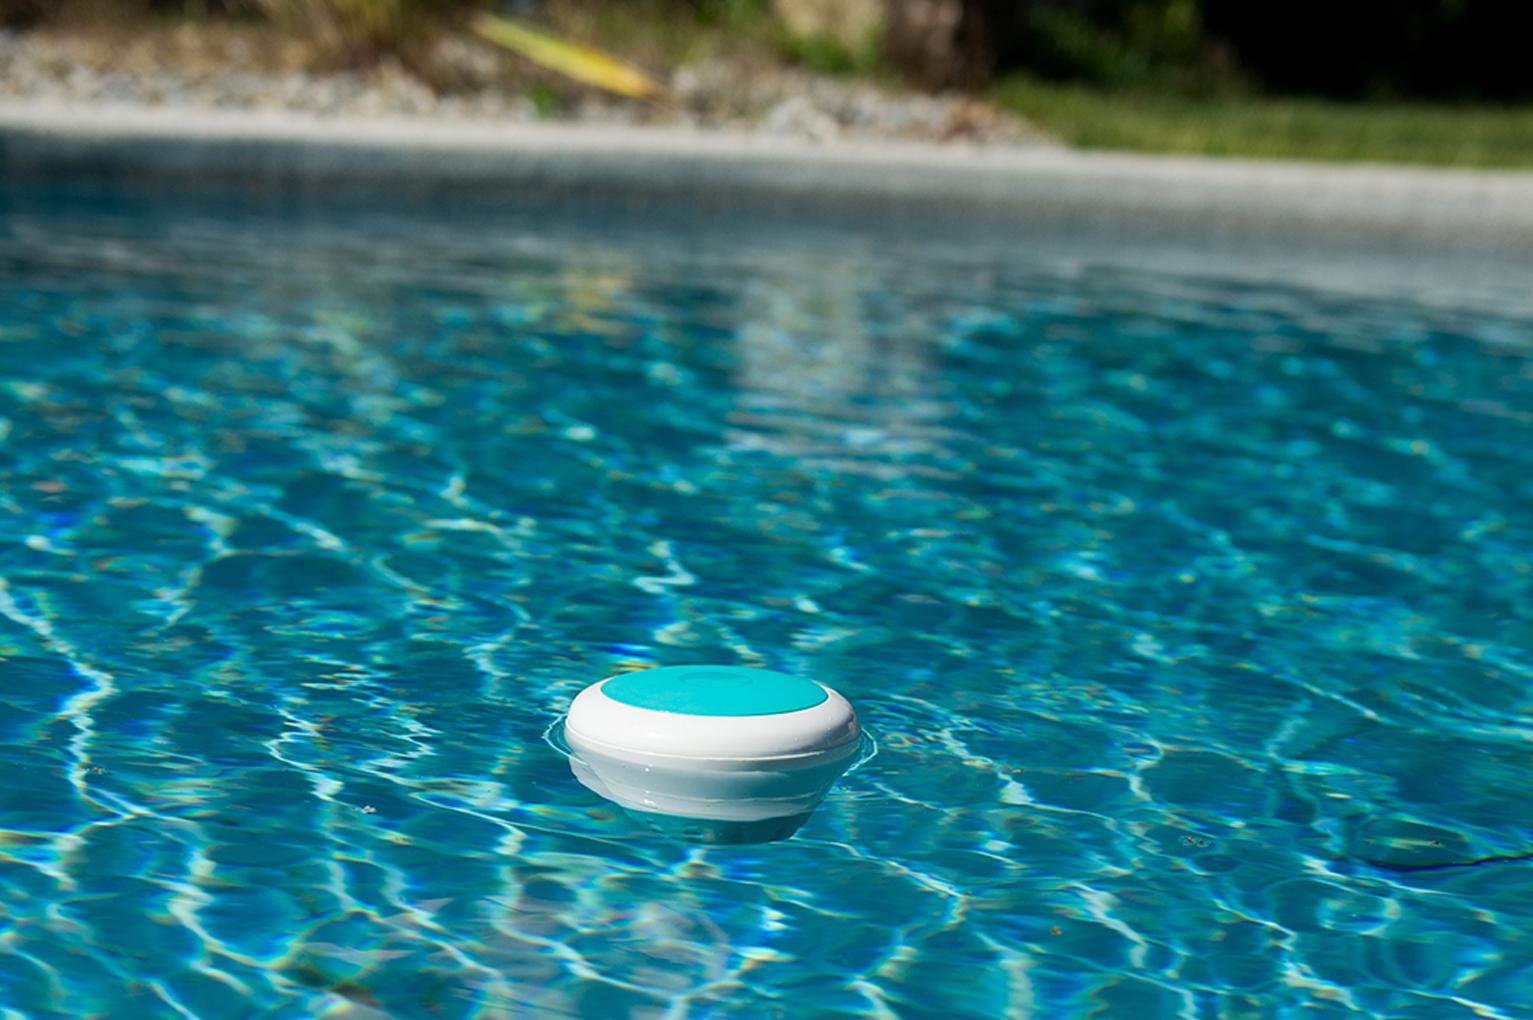 Ico : Un Appareil Connecté Pour Analyser L'eau De Votre ... dedans Analyse Eau Piscine